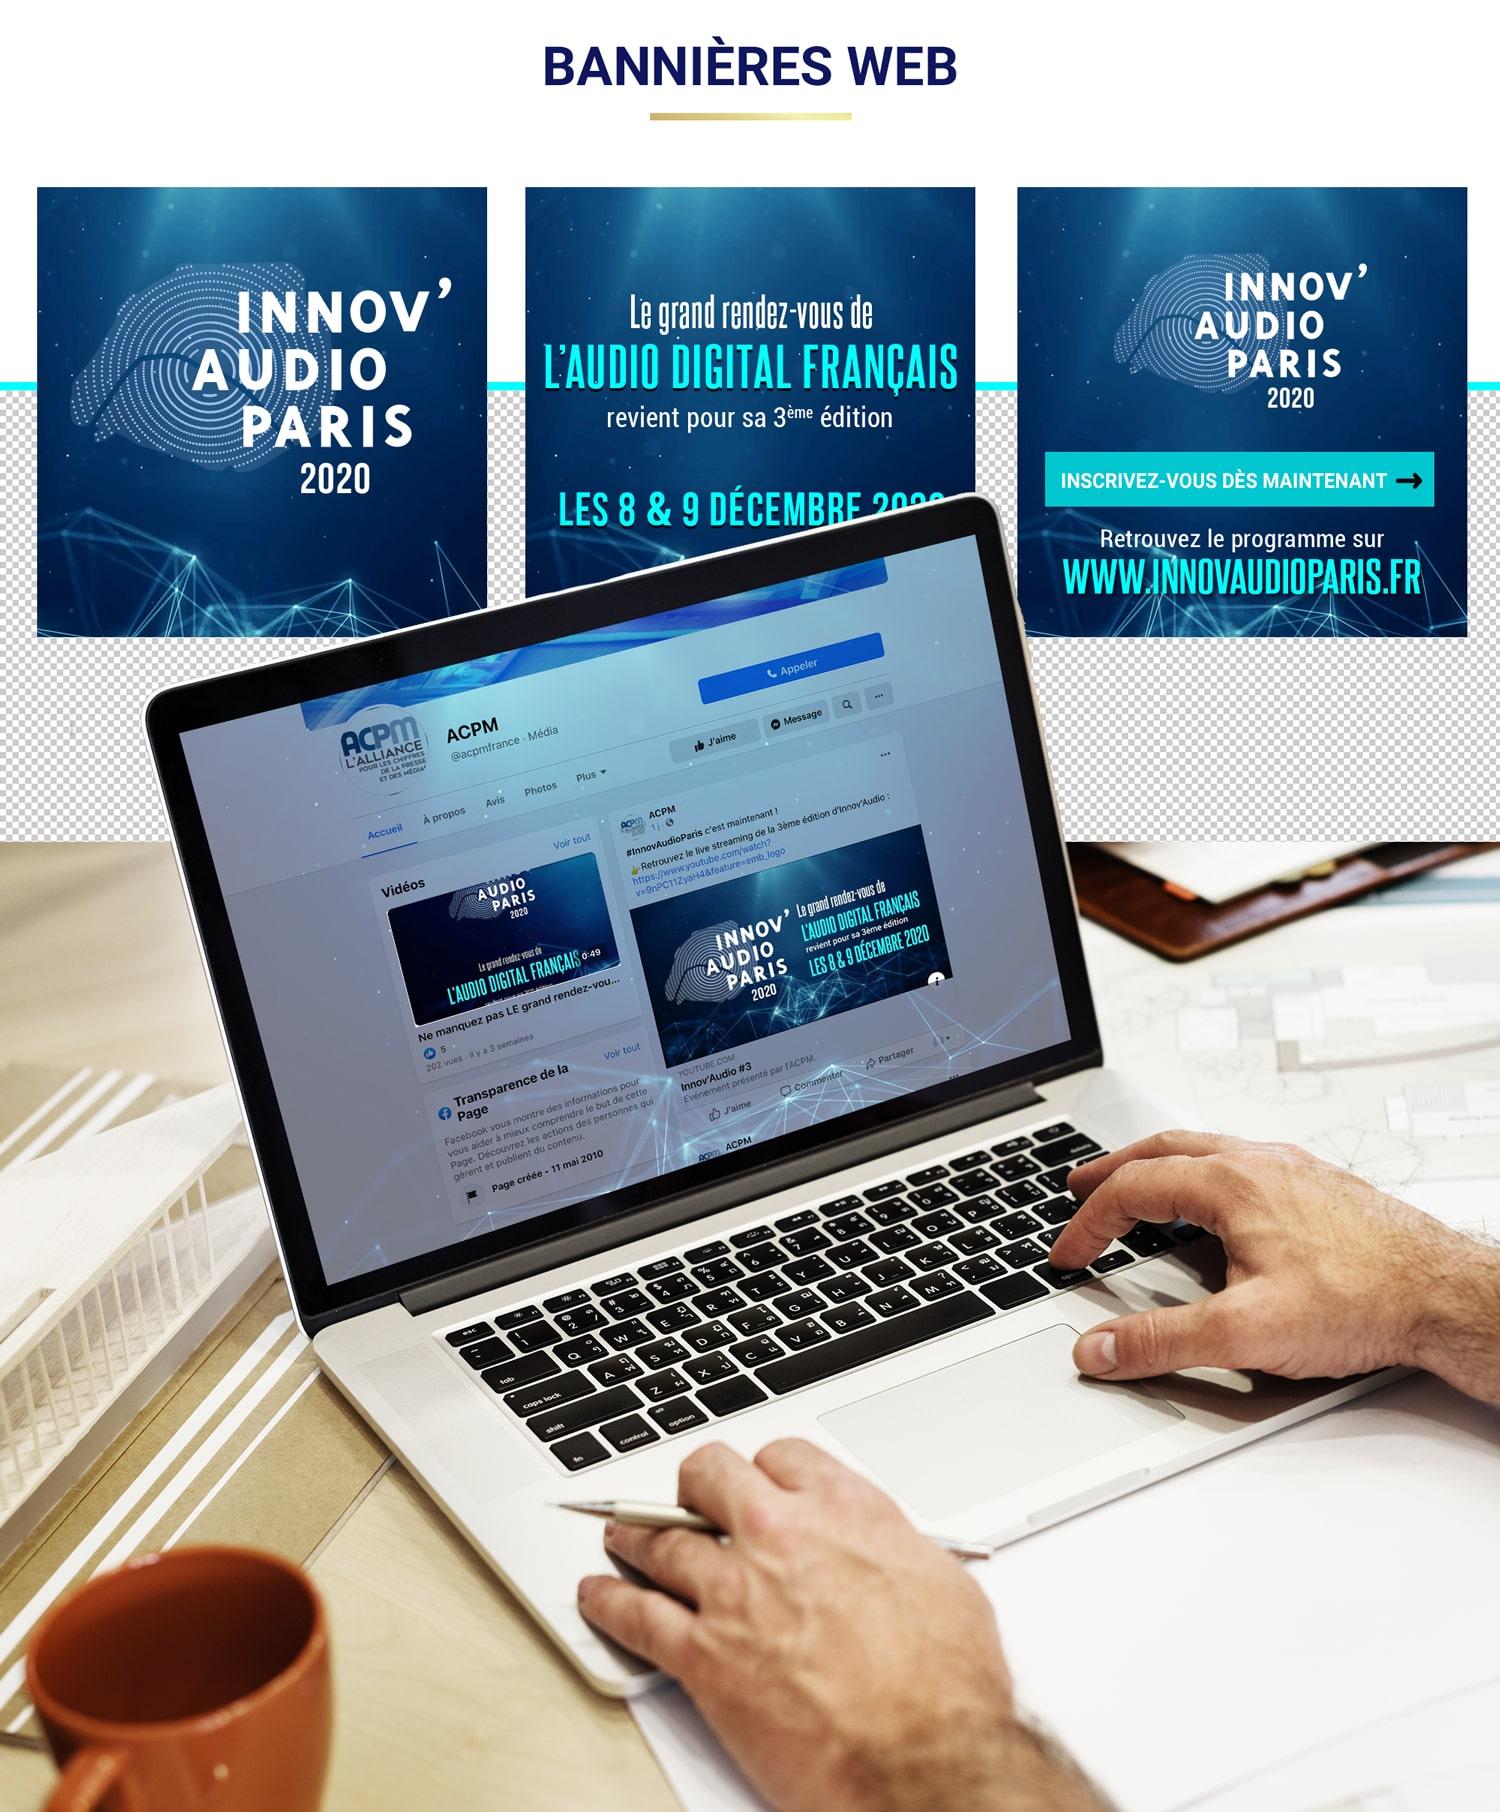 innov-audio-bannieres-web-2020